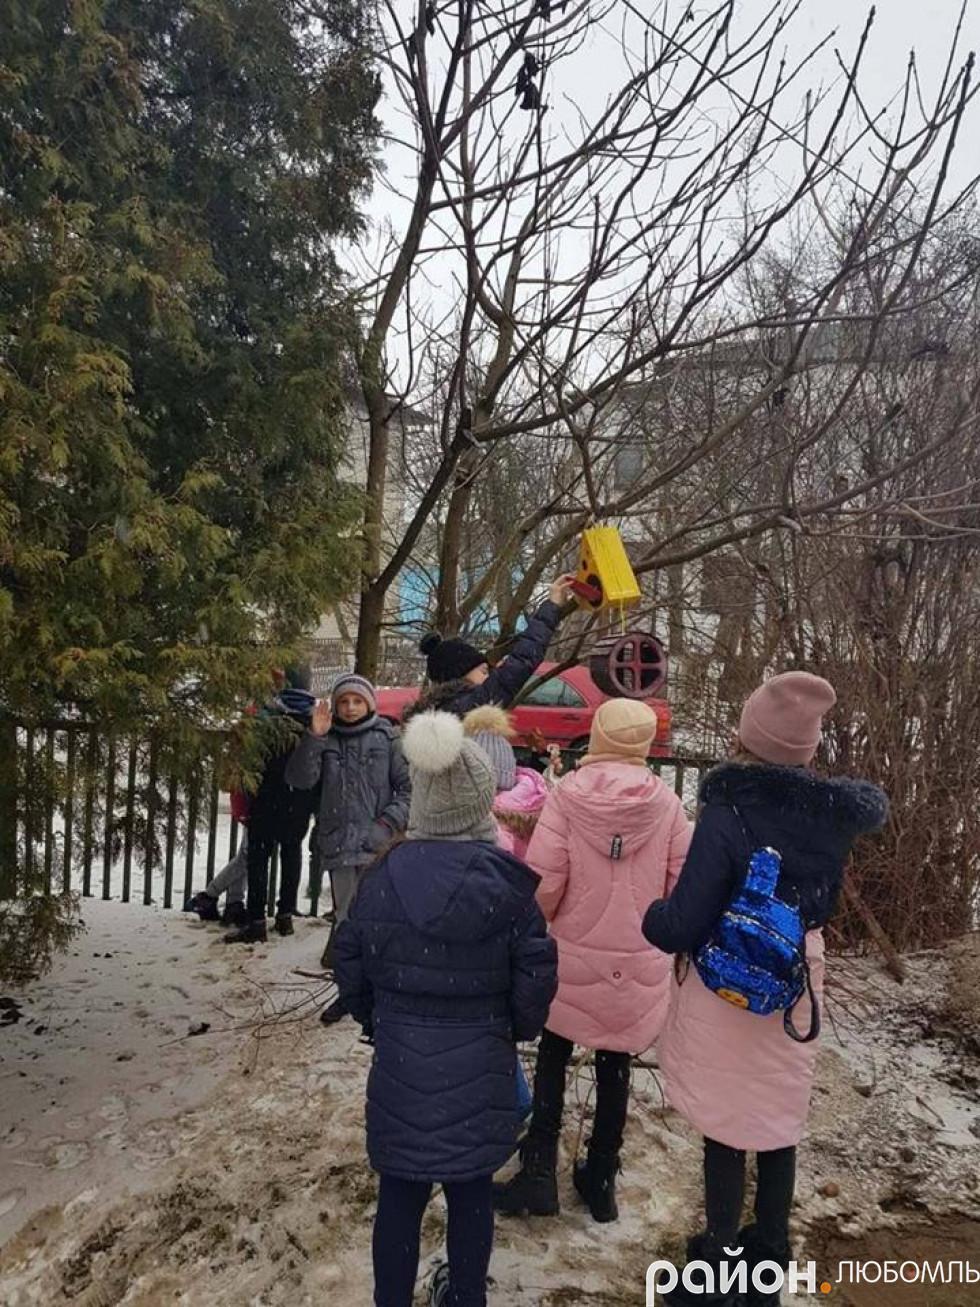 Вихованці Будинку школяра годували пернатих